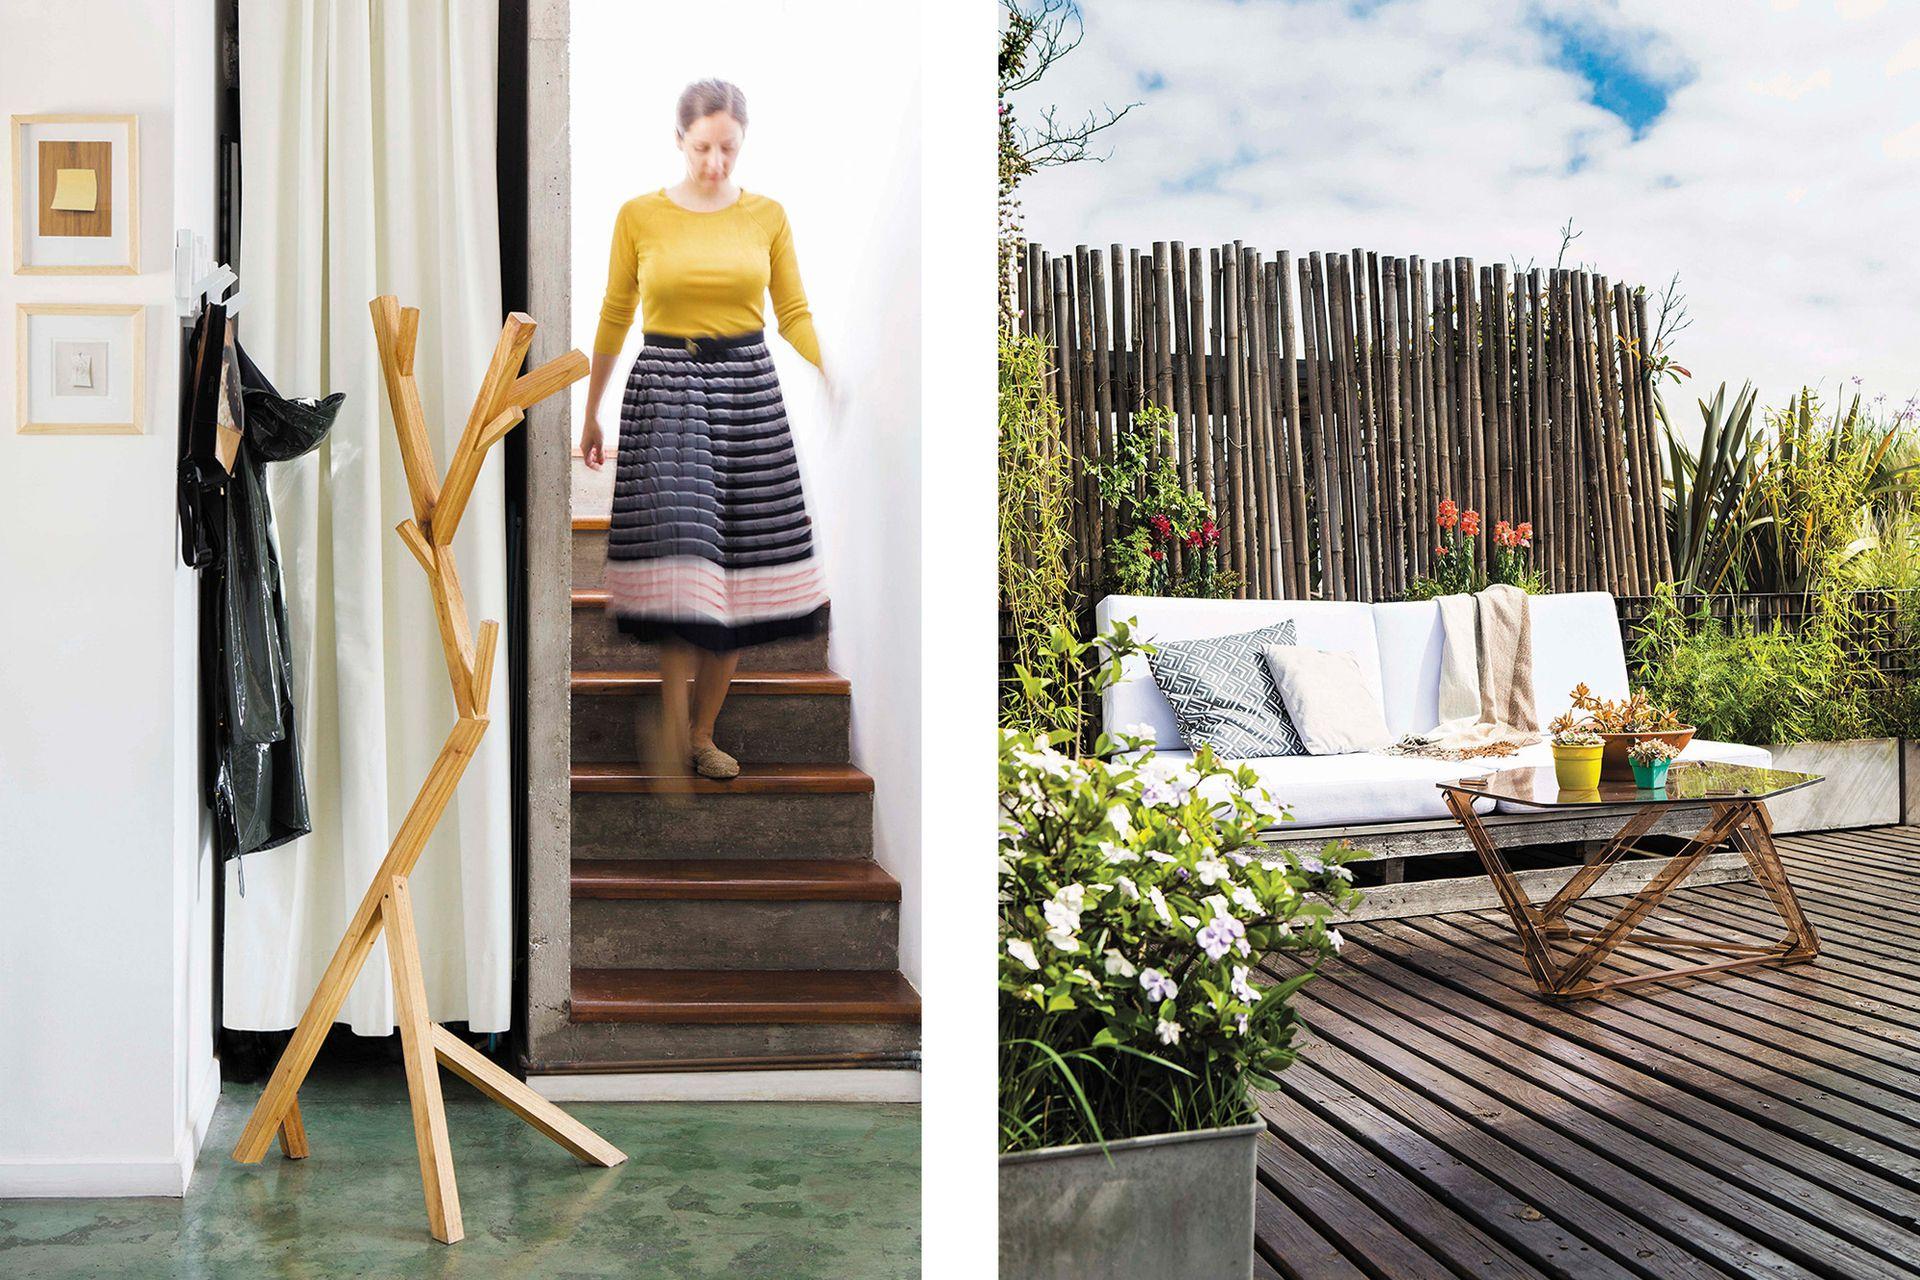 En la terraza se colocó una mesa ratona (Diseñaveral), libre de tornillos y pegamentos, hecha de piezas de plástico reconstituido a partir de desechos de acrílico.